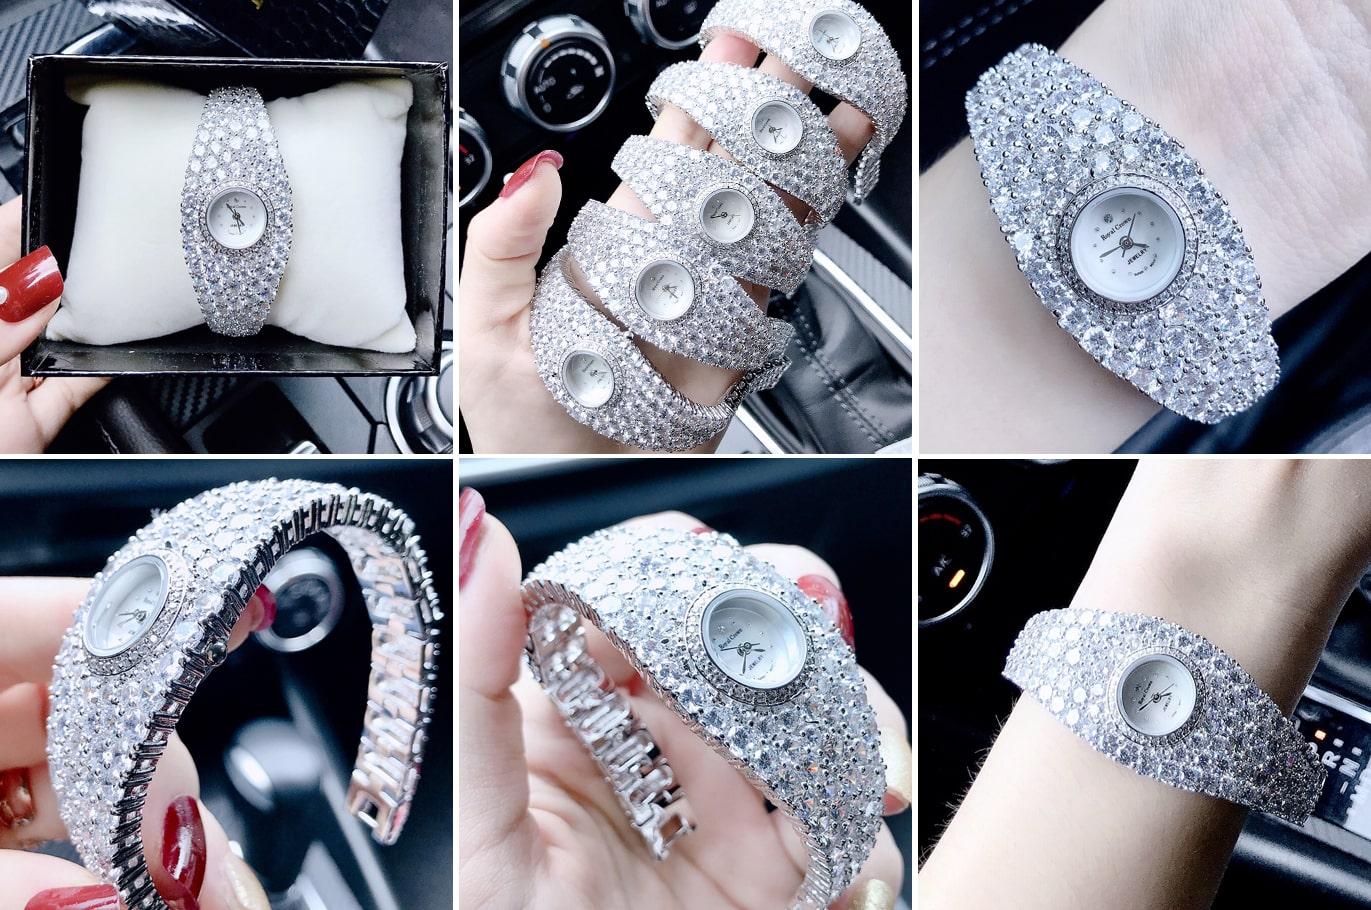 Những mẫu đồng hồ đeo tay nữ cao cấp làm say đắm các chàng trai